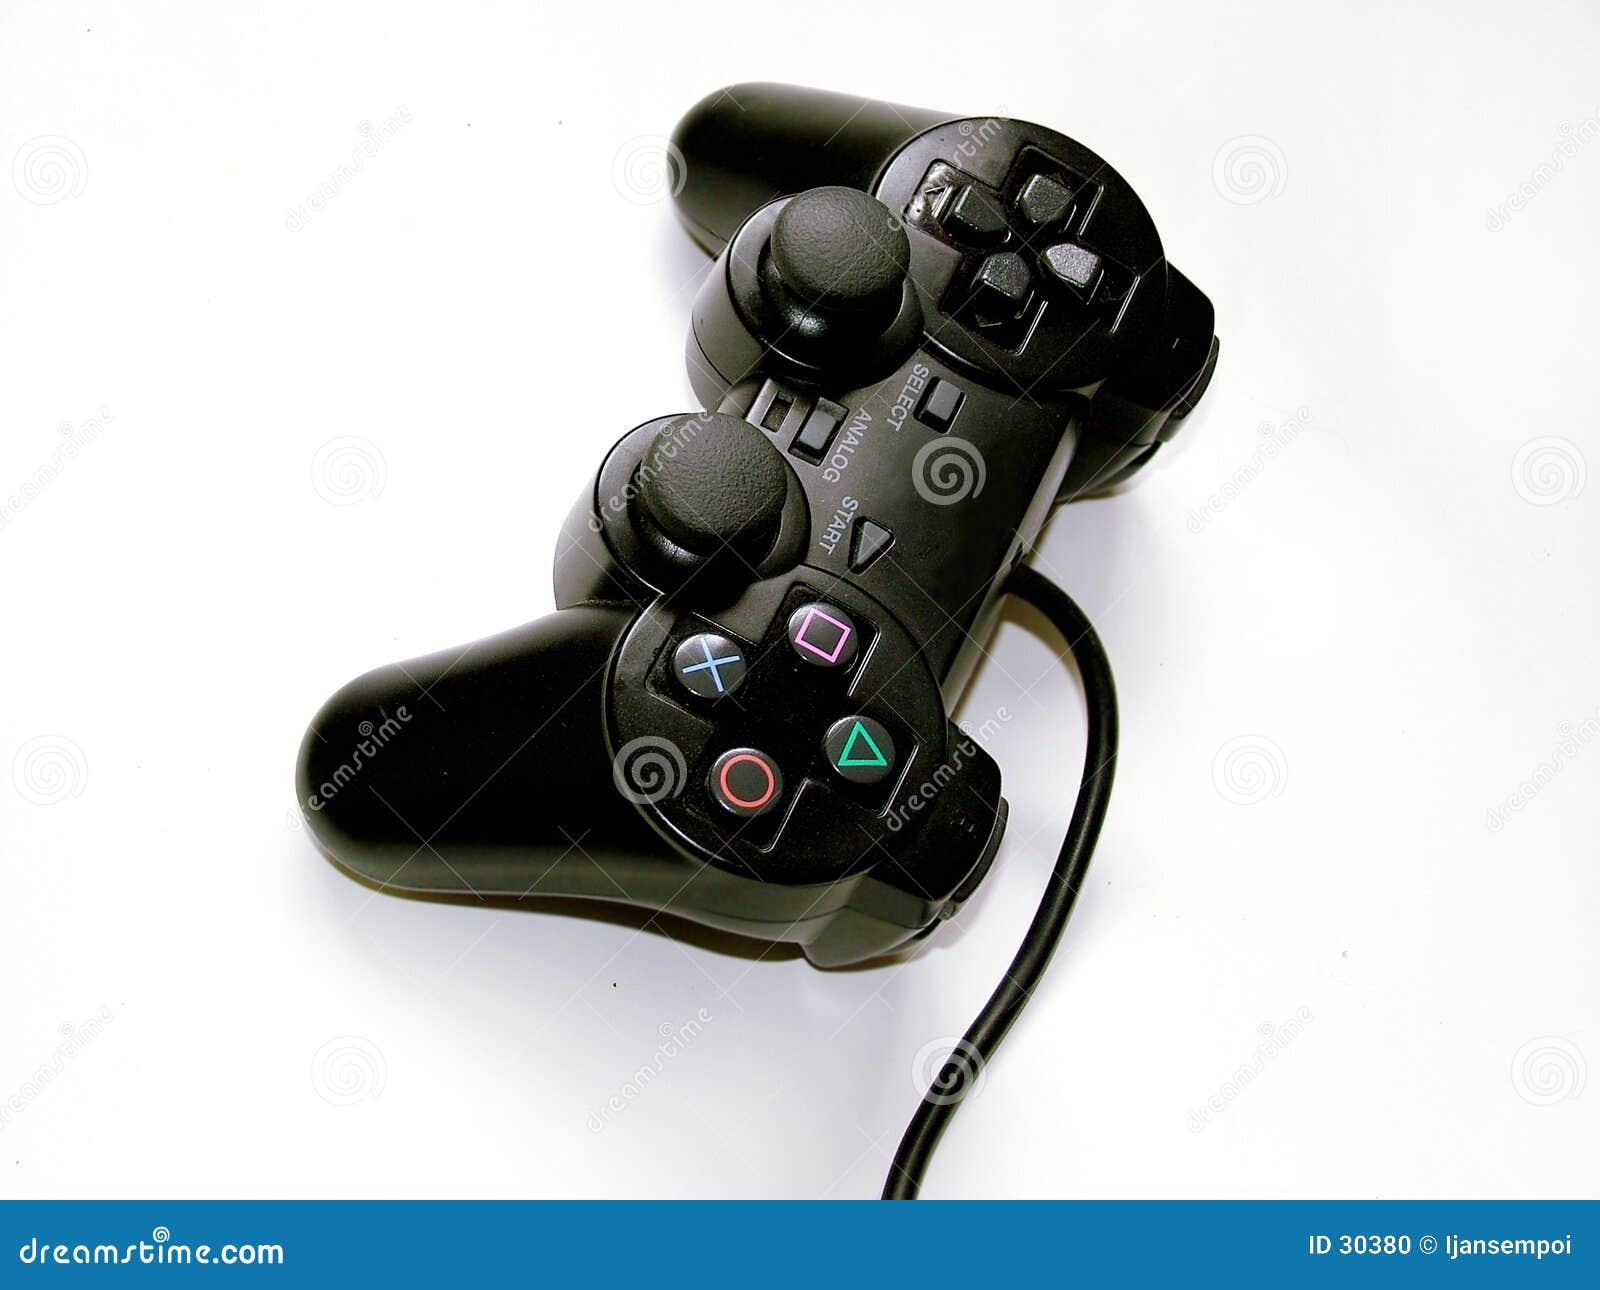 Download Controler del juego foto de archivo. Imagen de diversión - 30380